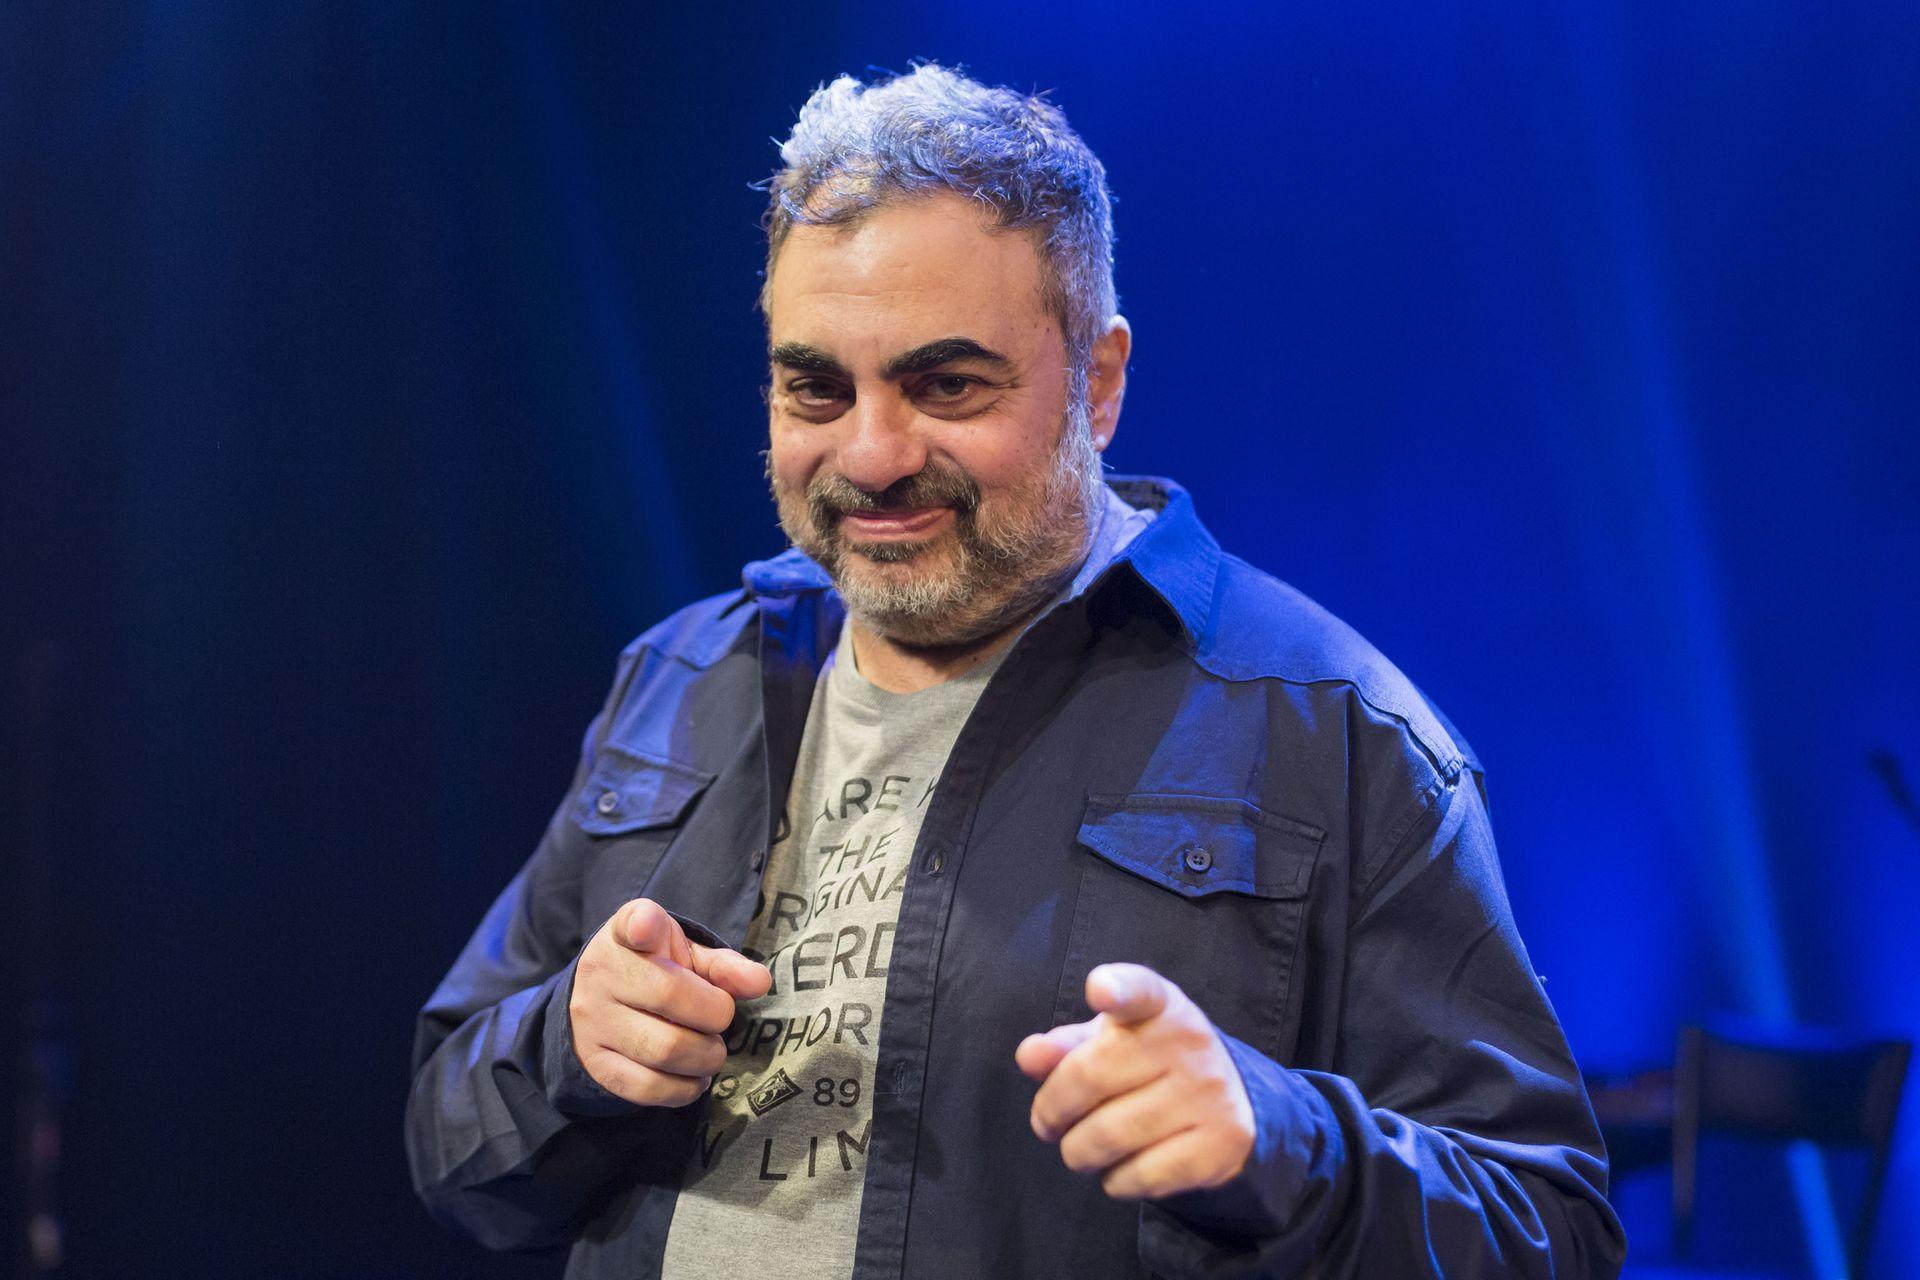 Roberto Moldavsky vuelve a pisar un escenario luego de 18 meses de inactividad teatral